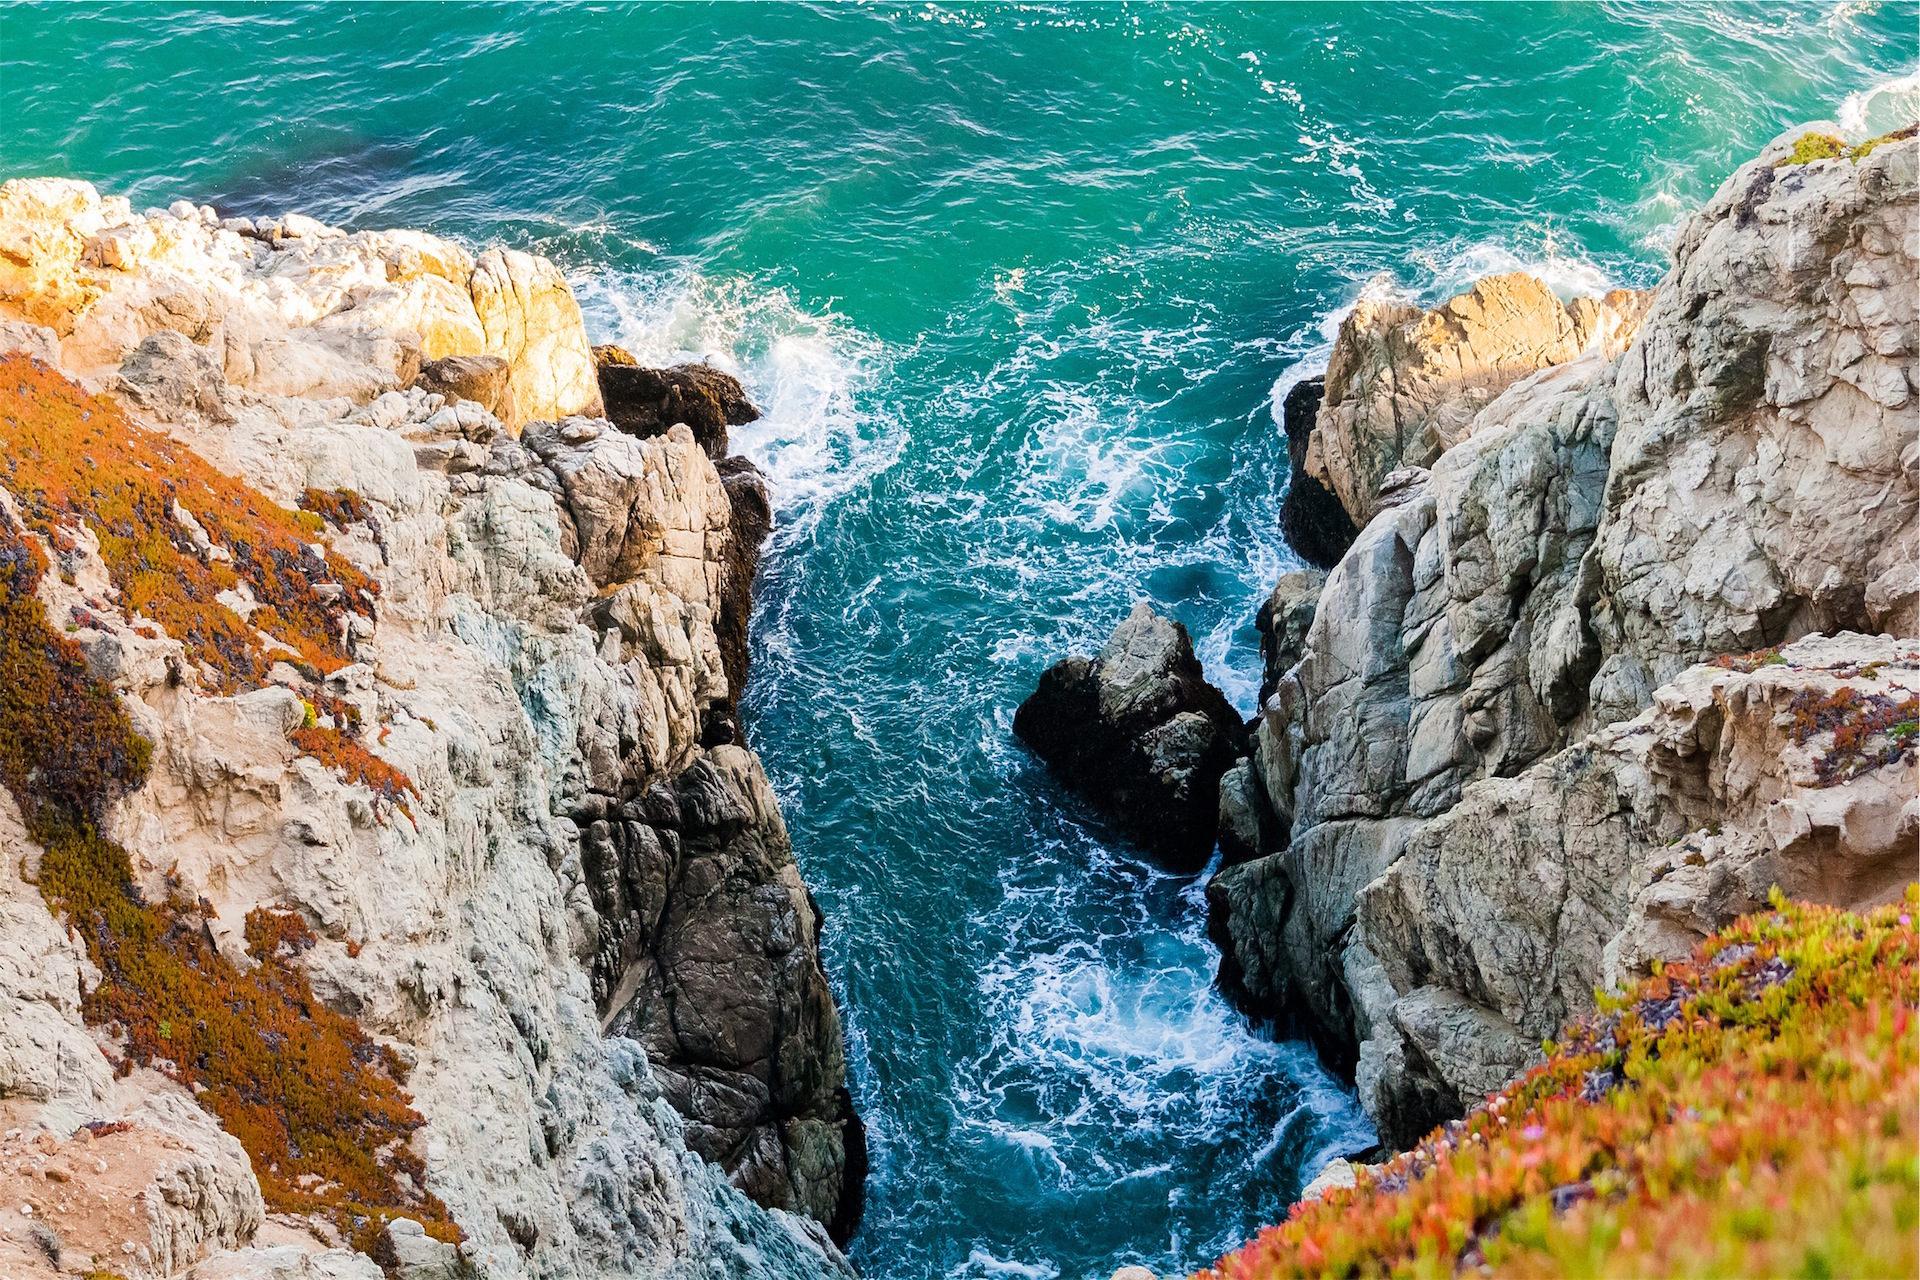 क्लिफ, सागर, Rocas, पानी, खतरे - HD वॉलपेपर - प्रोफेसर-falken.com